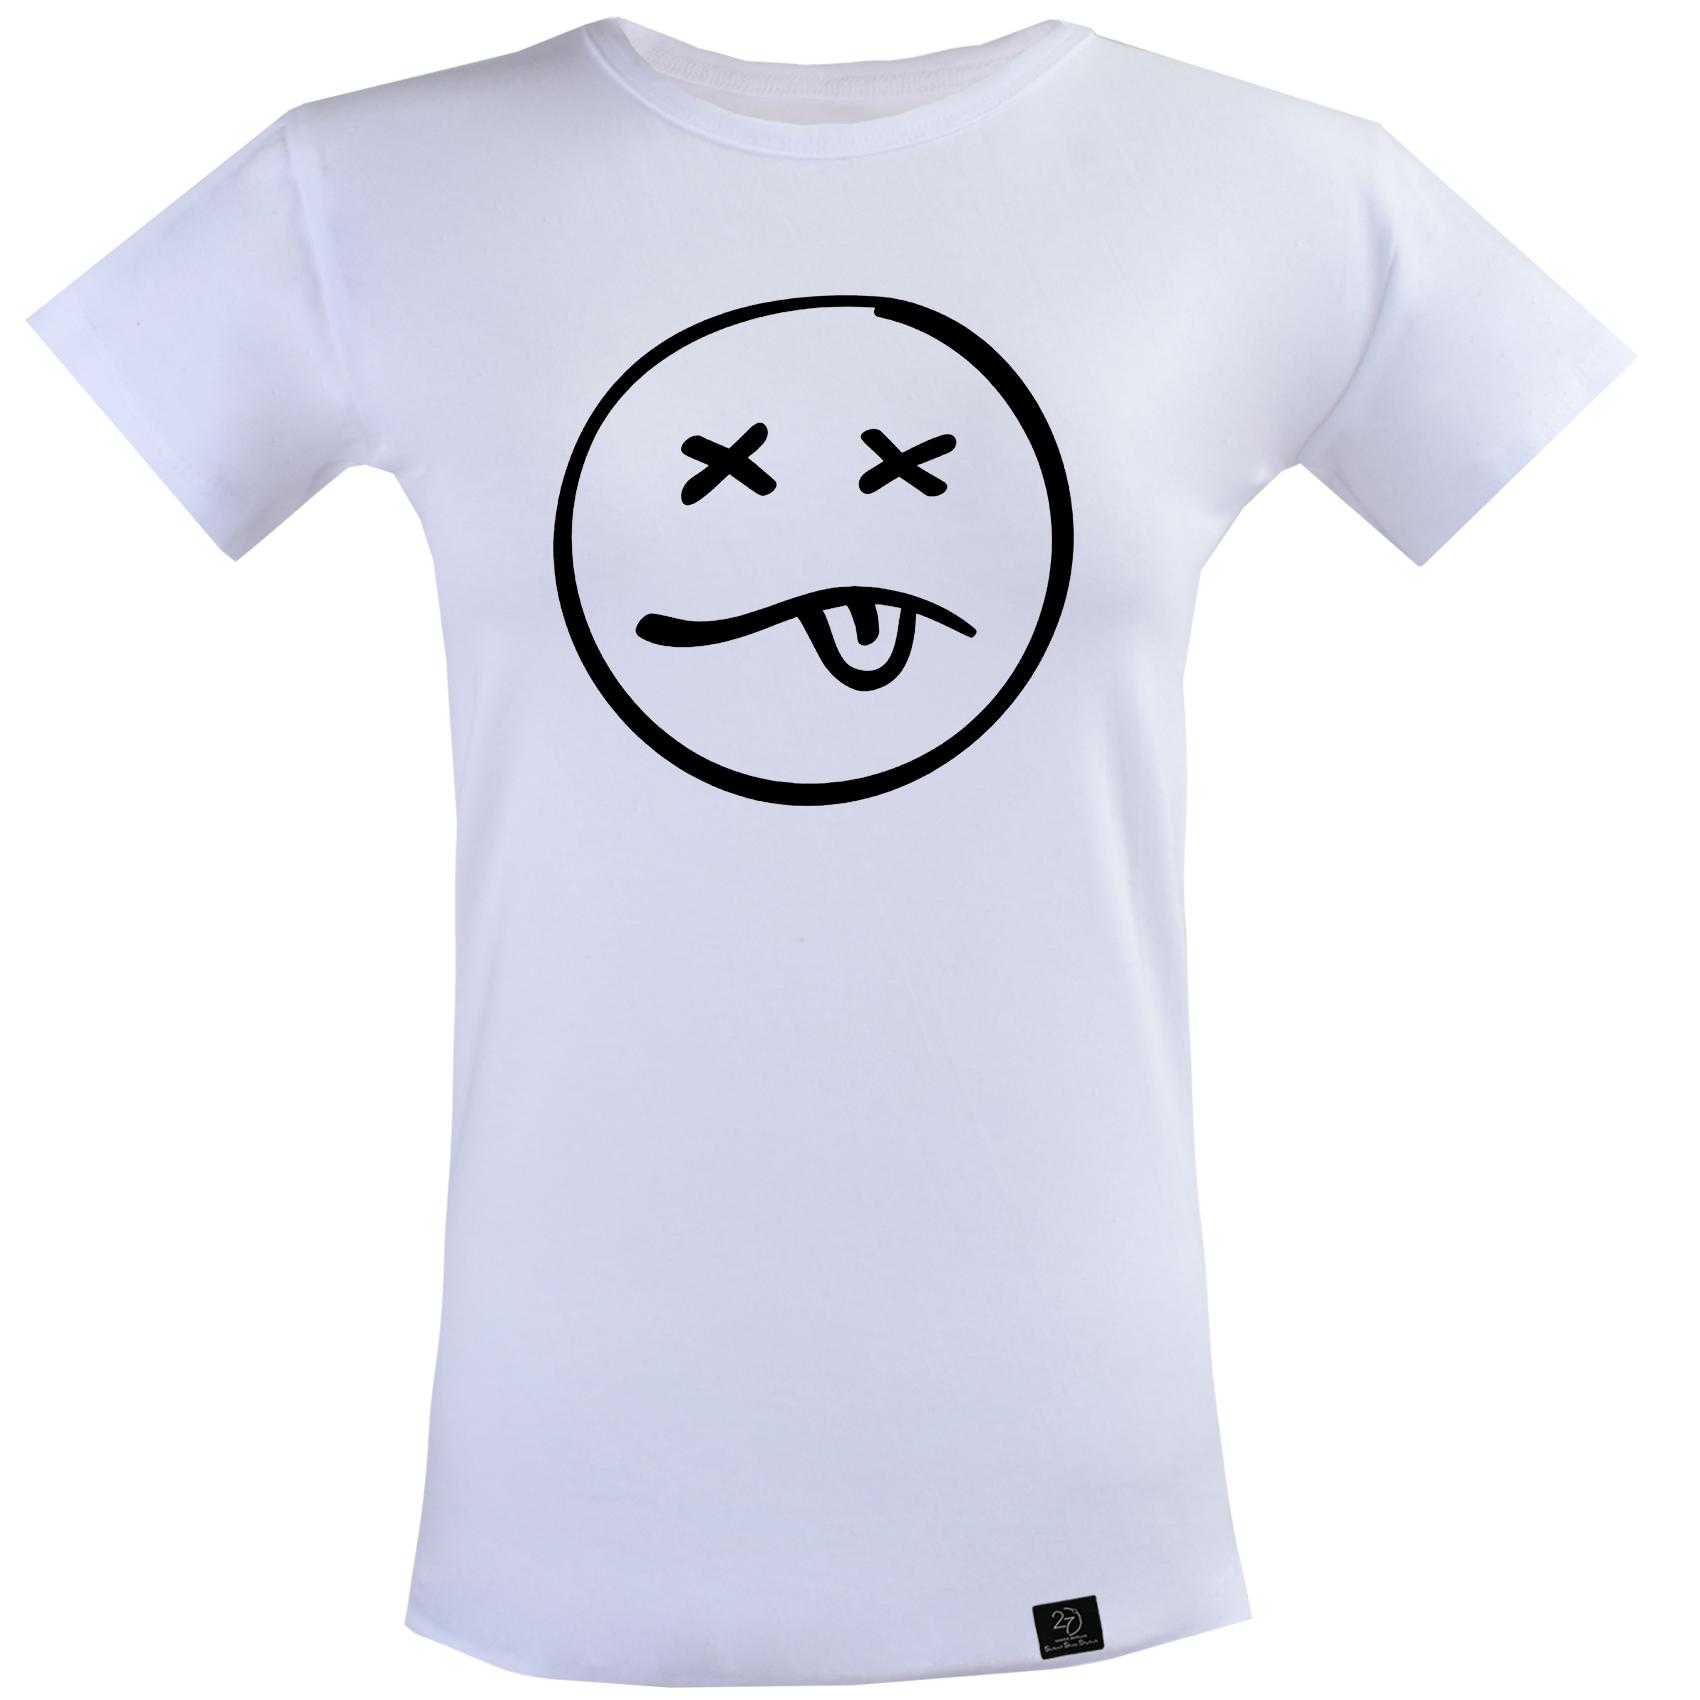 تی شرت آستین کوتاه زنانه 27 مدل dead کد T27 رنگ سفید